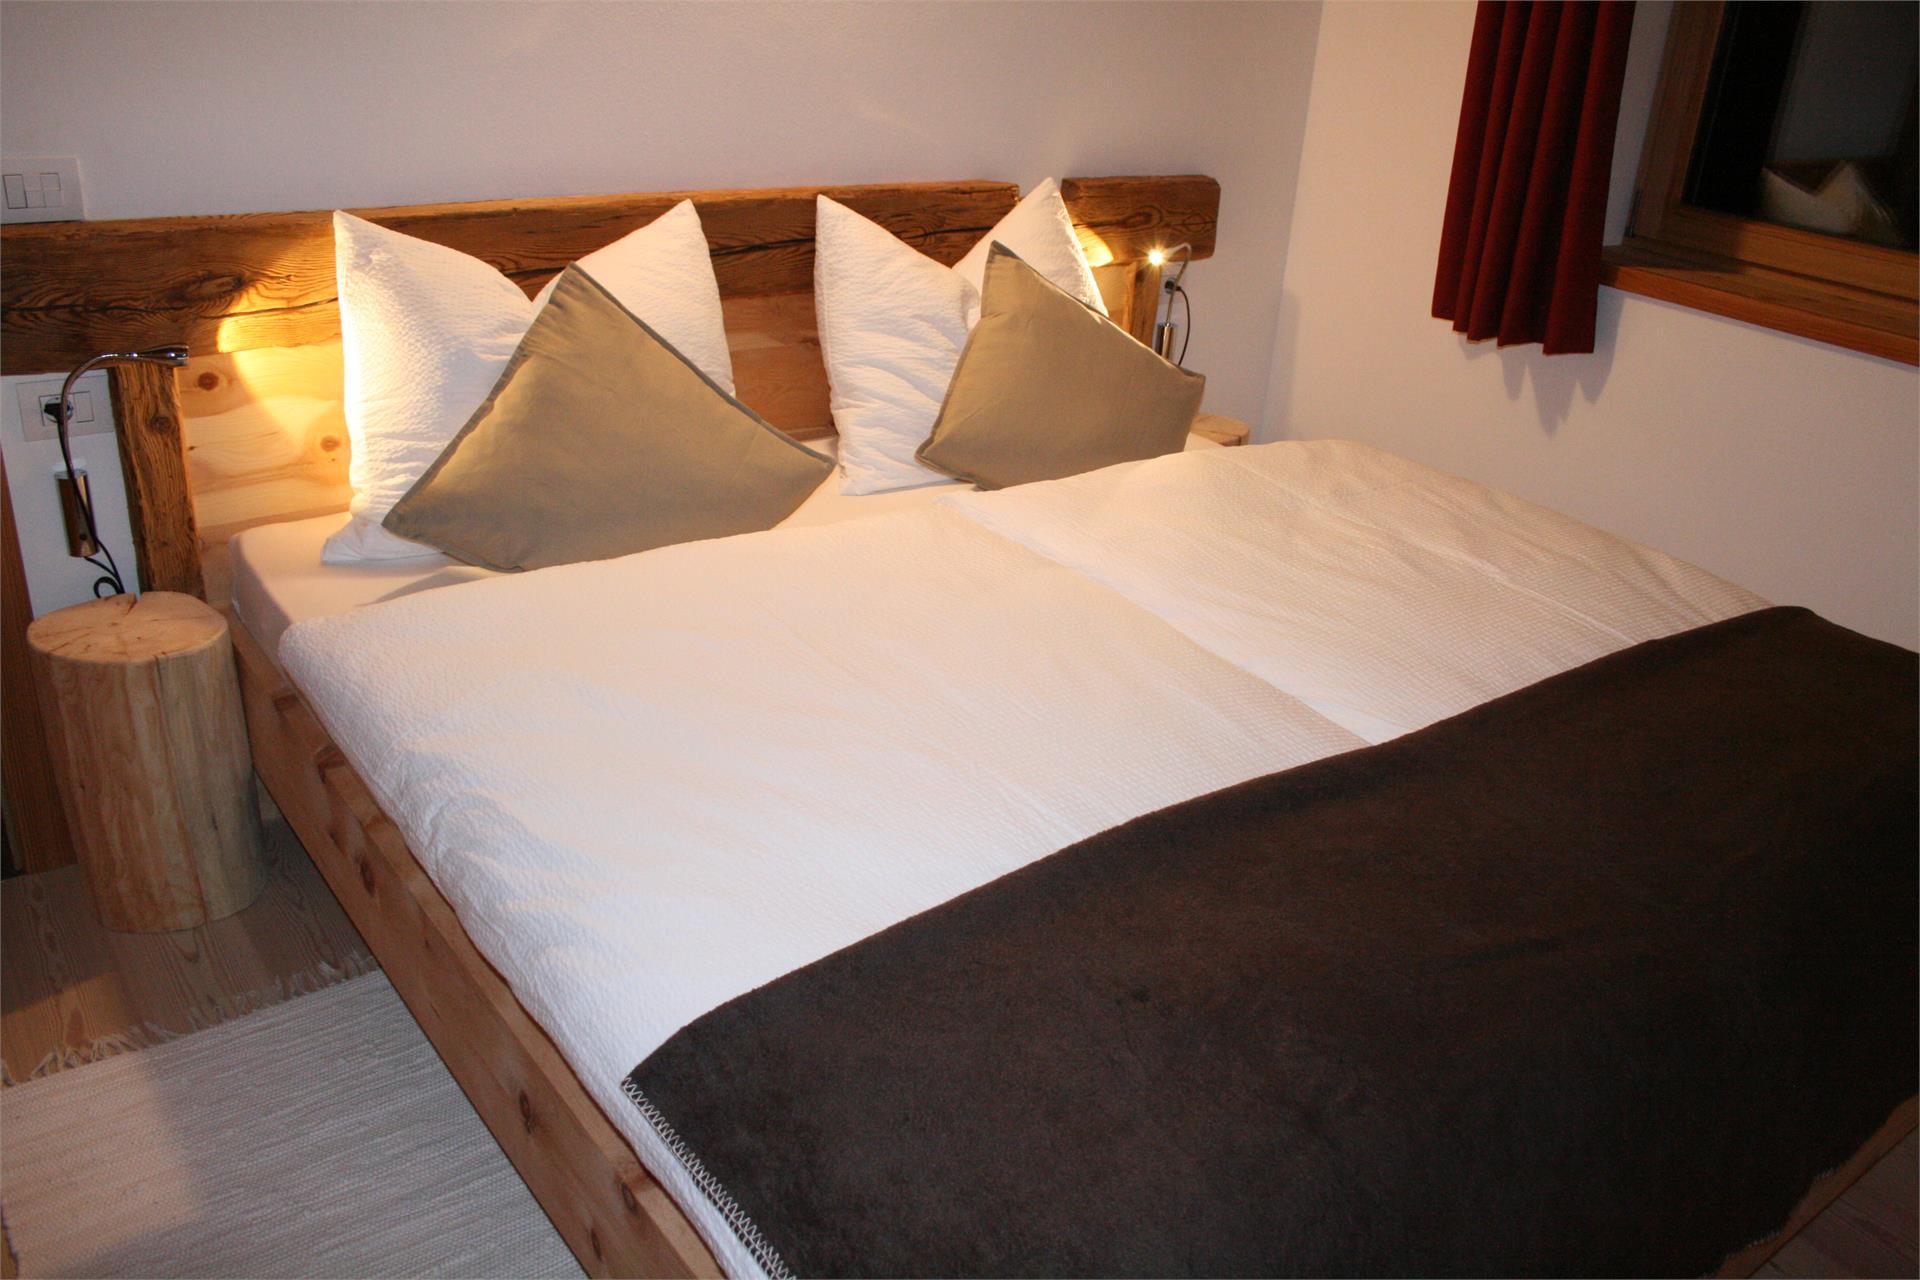 appartamento Karin - camera da letto matrimoniale